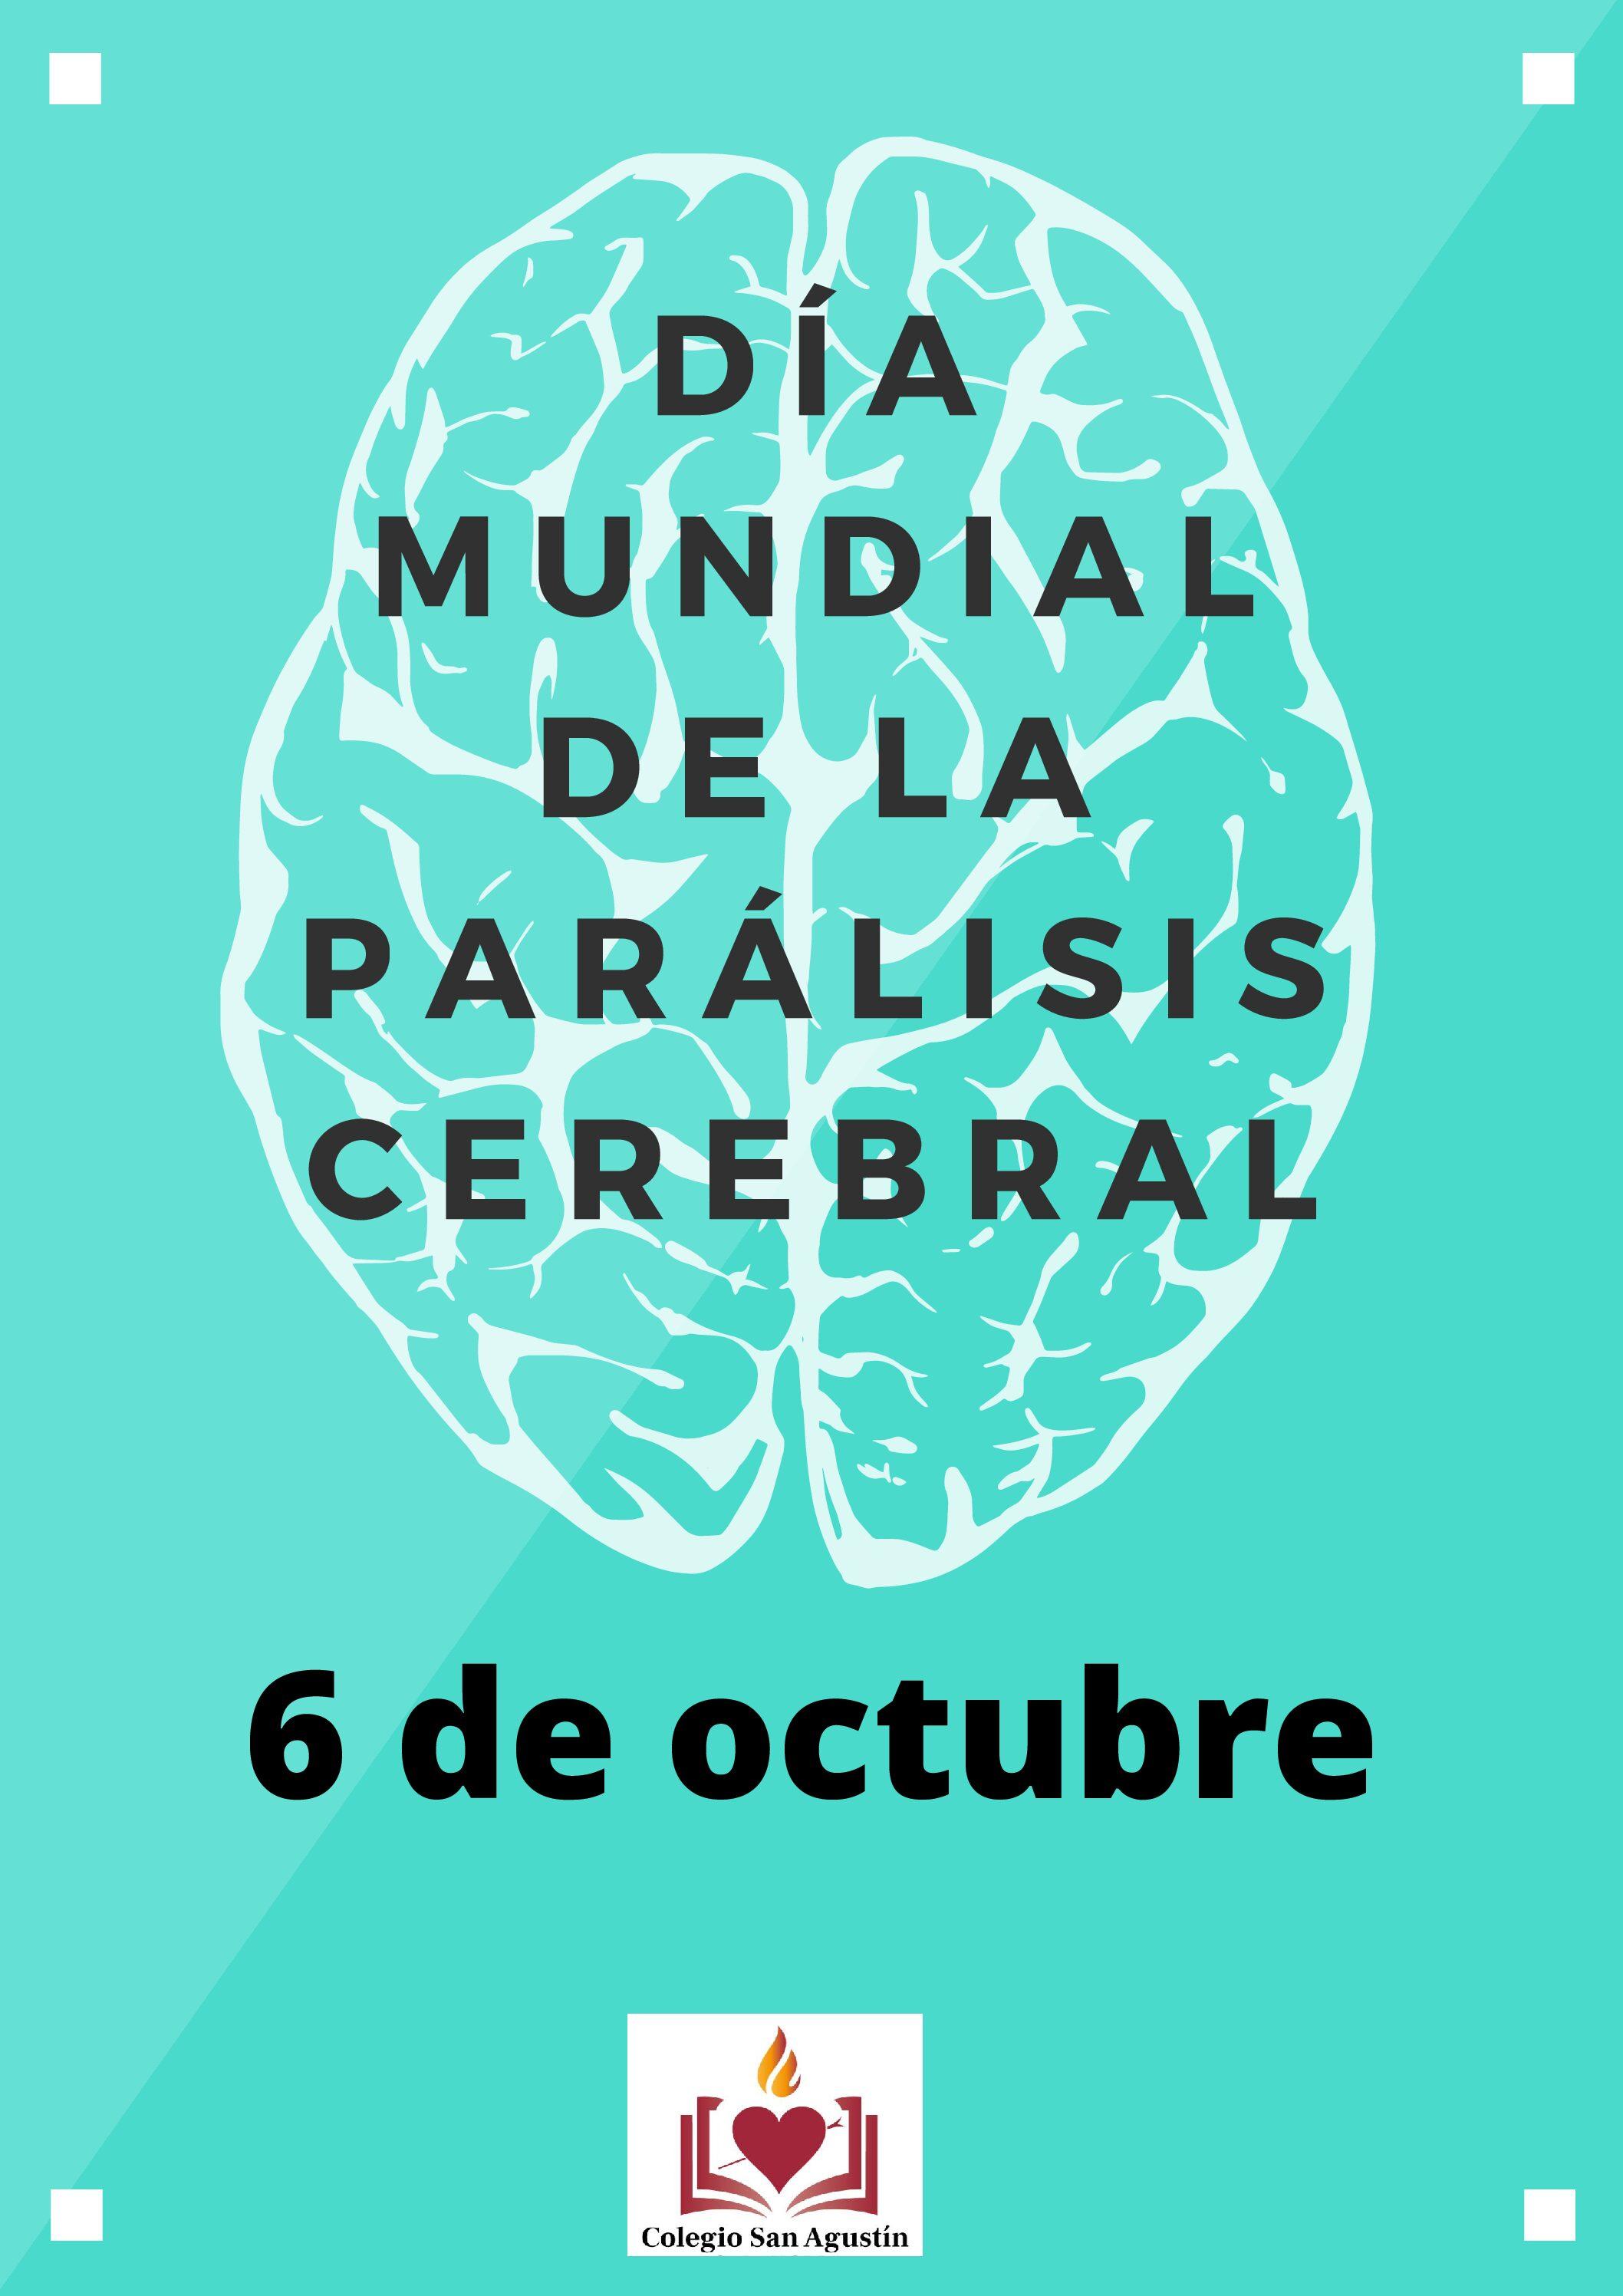 DÍA MUNDIAL DE LA PARÁLISIS CEREBRAL